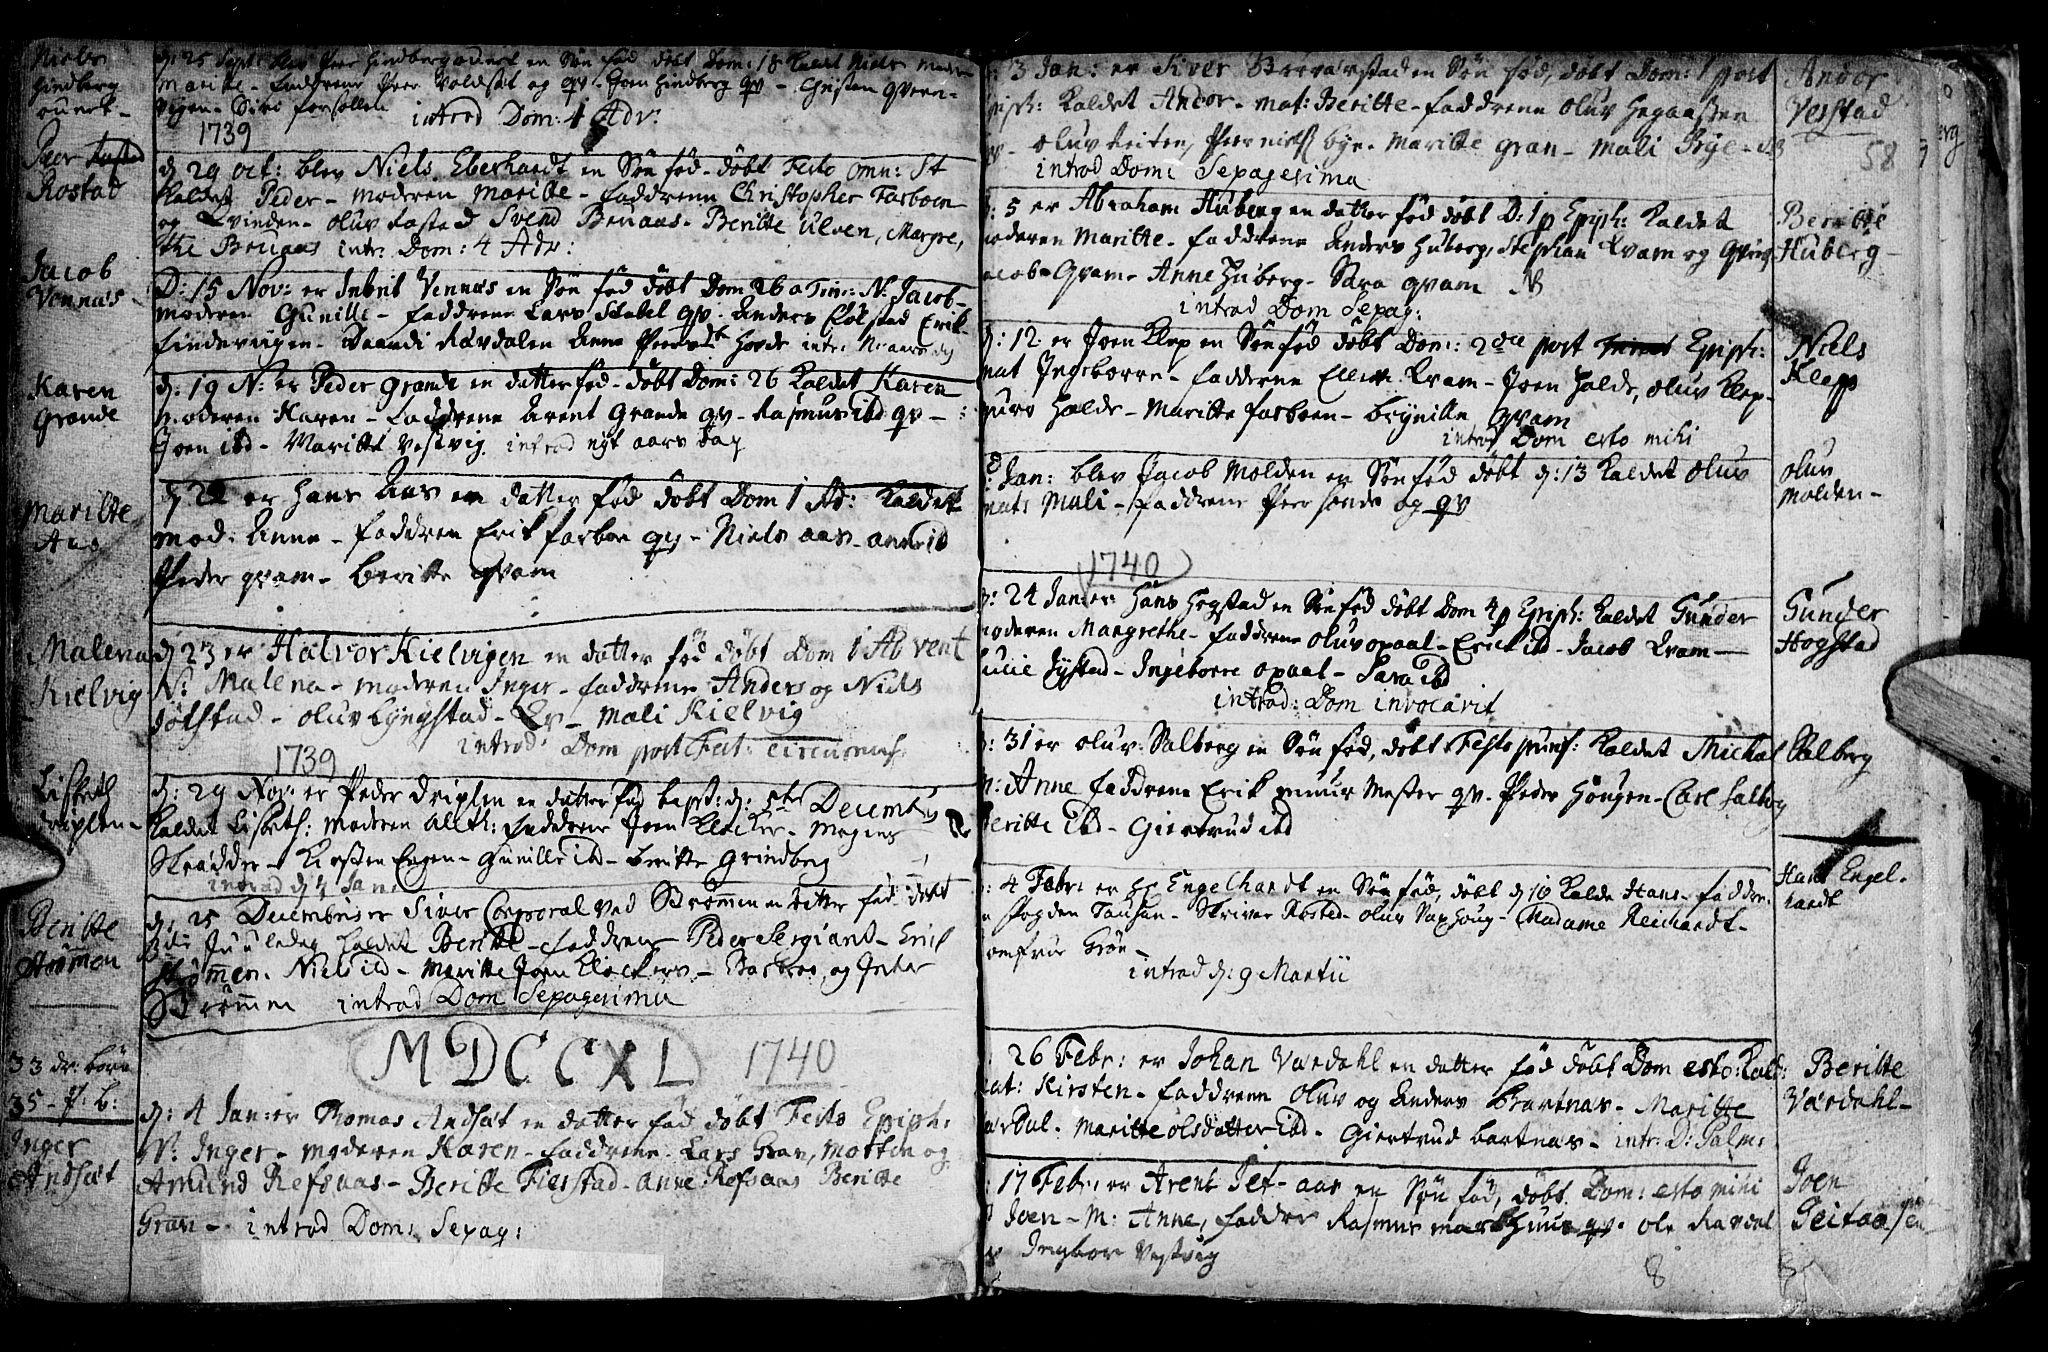 SAT, Ministerialprotokoller, klokkerbøker og fødselsregistre - Nord-Trøndelag, 730/L0272: Ministerialbok nr. 730A01, 1733-1764, s. 58